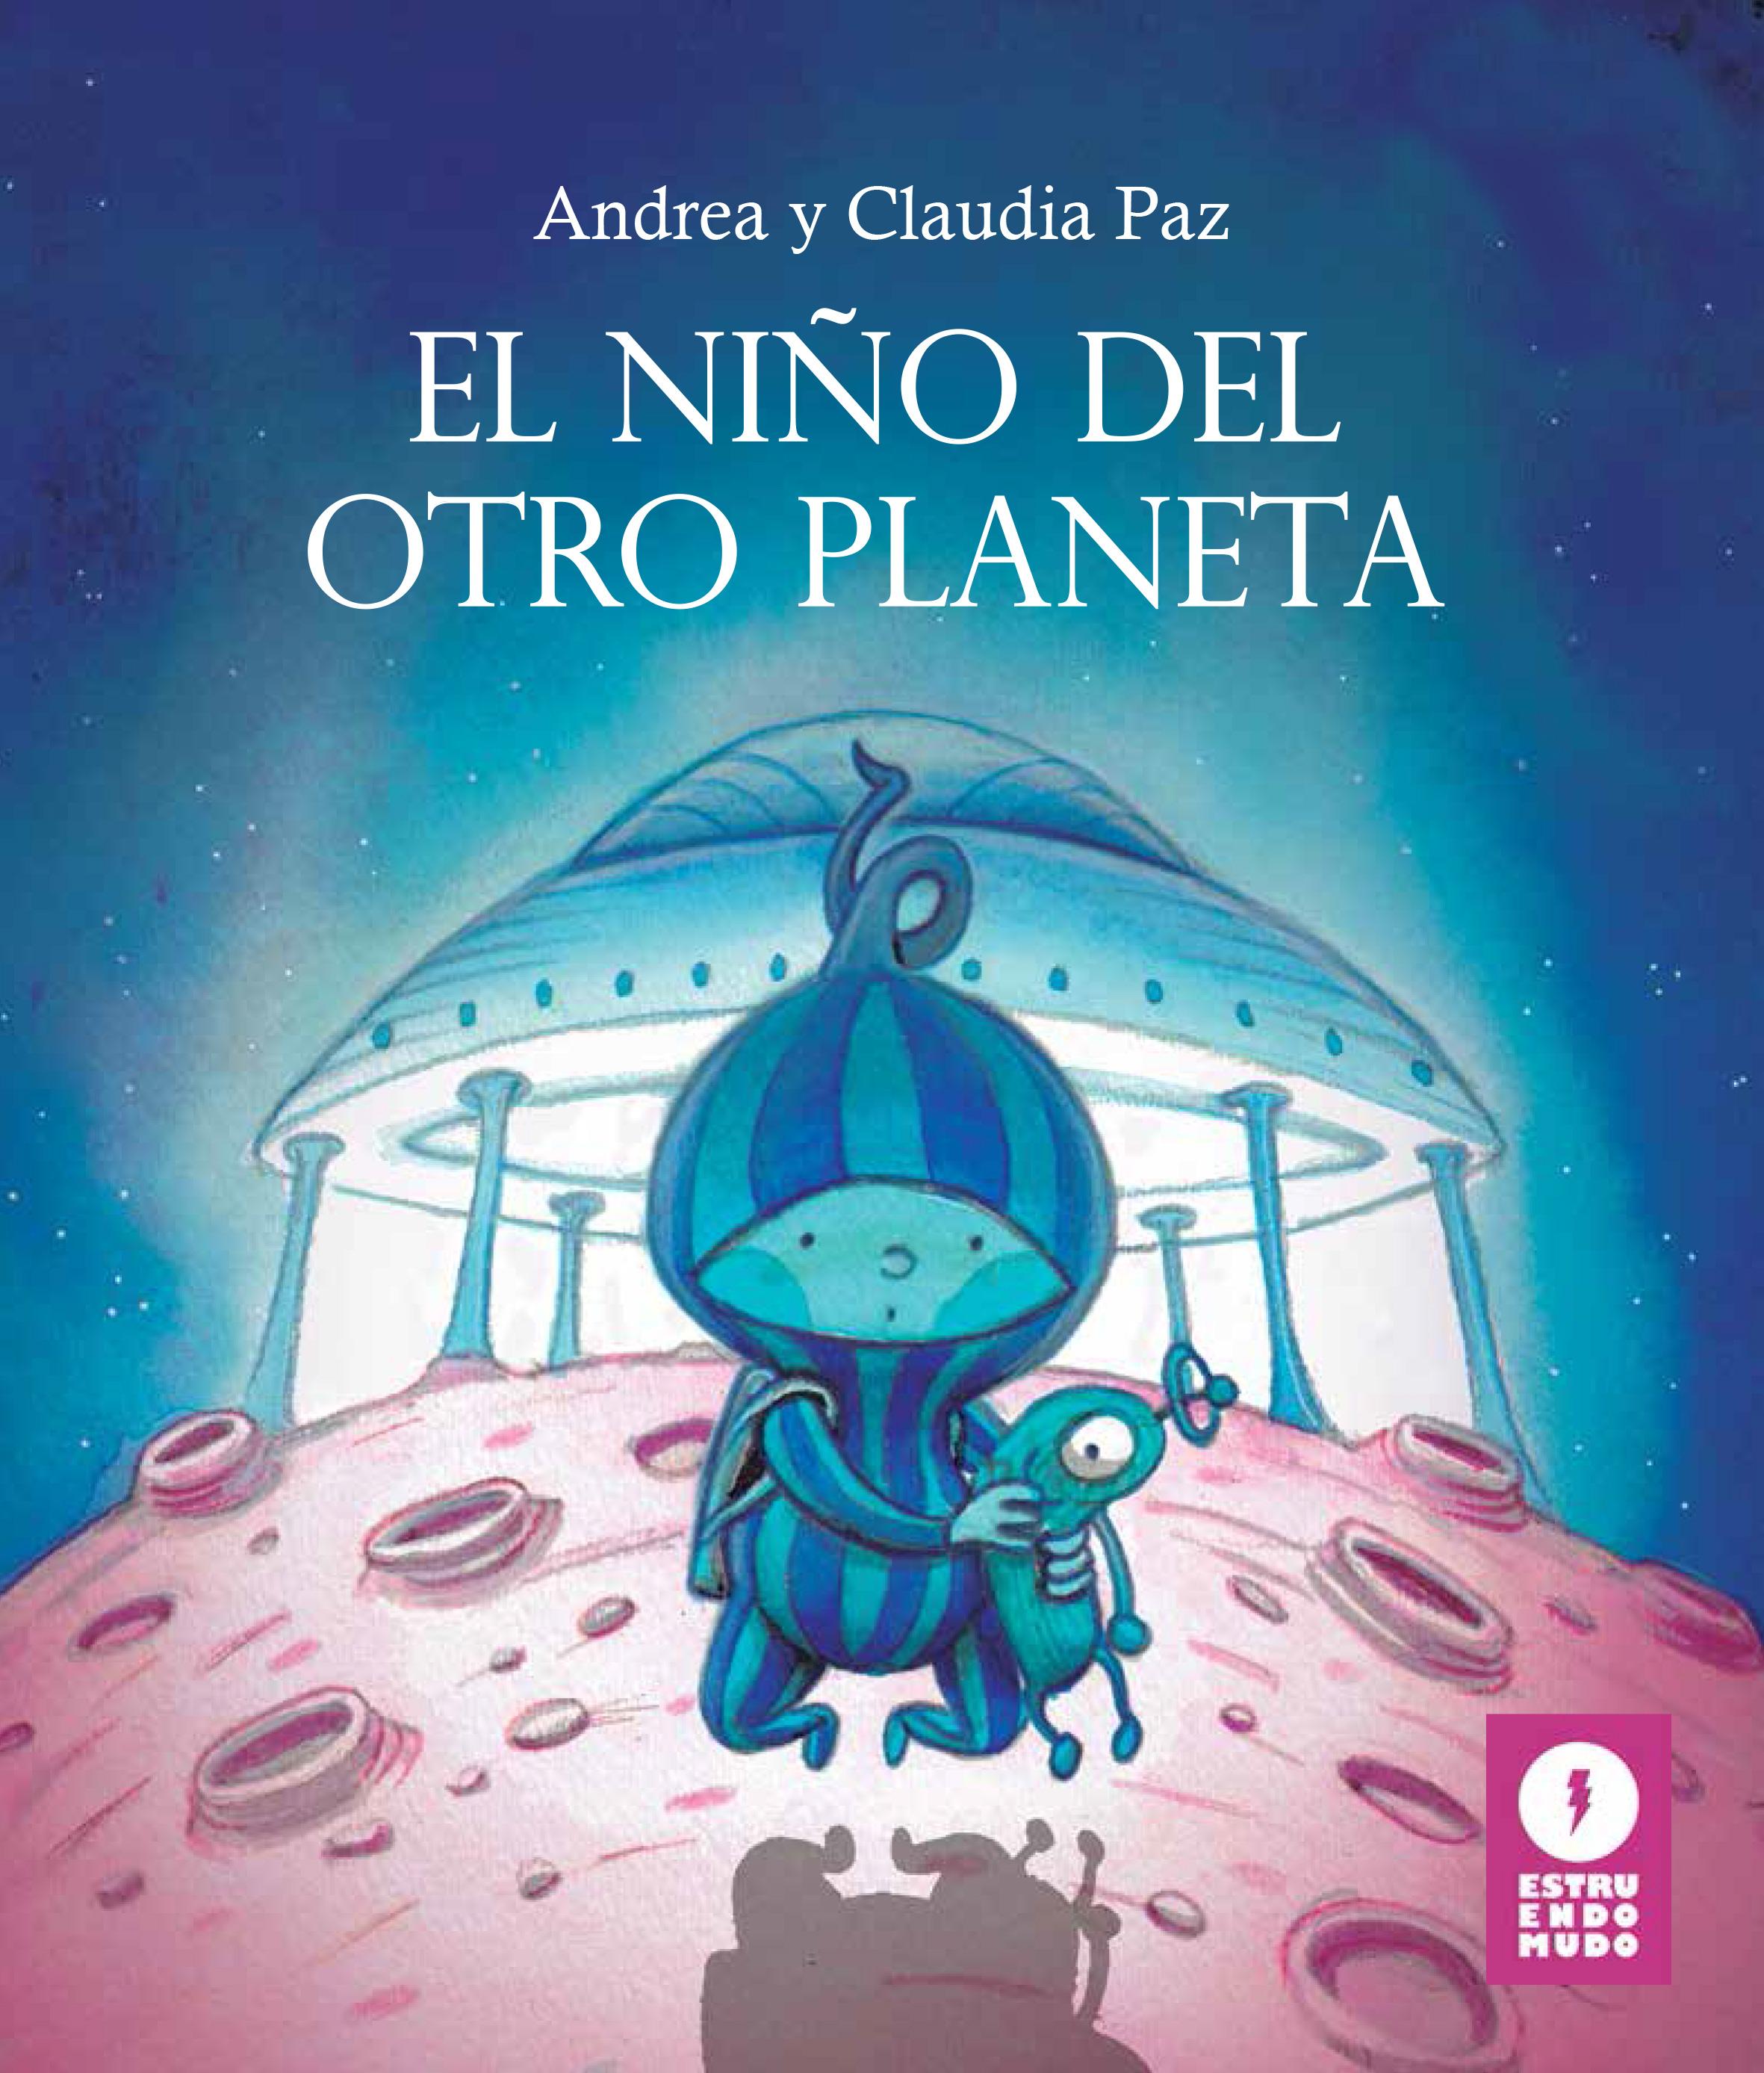 El niño del otro planeta